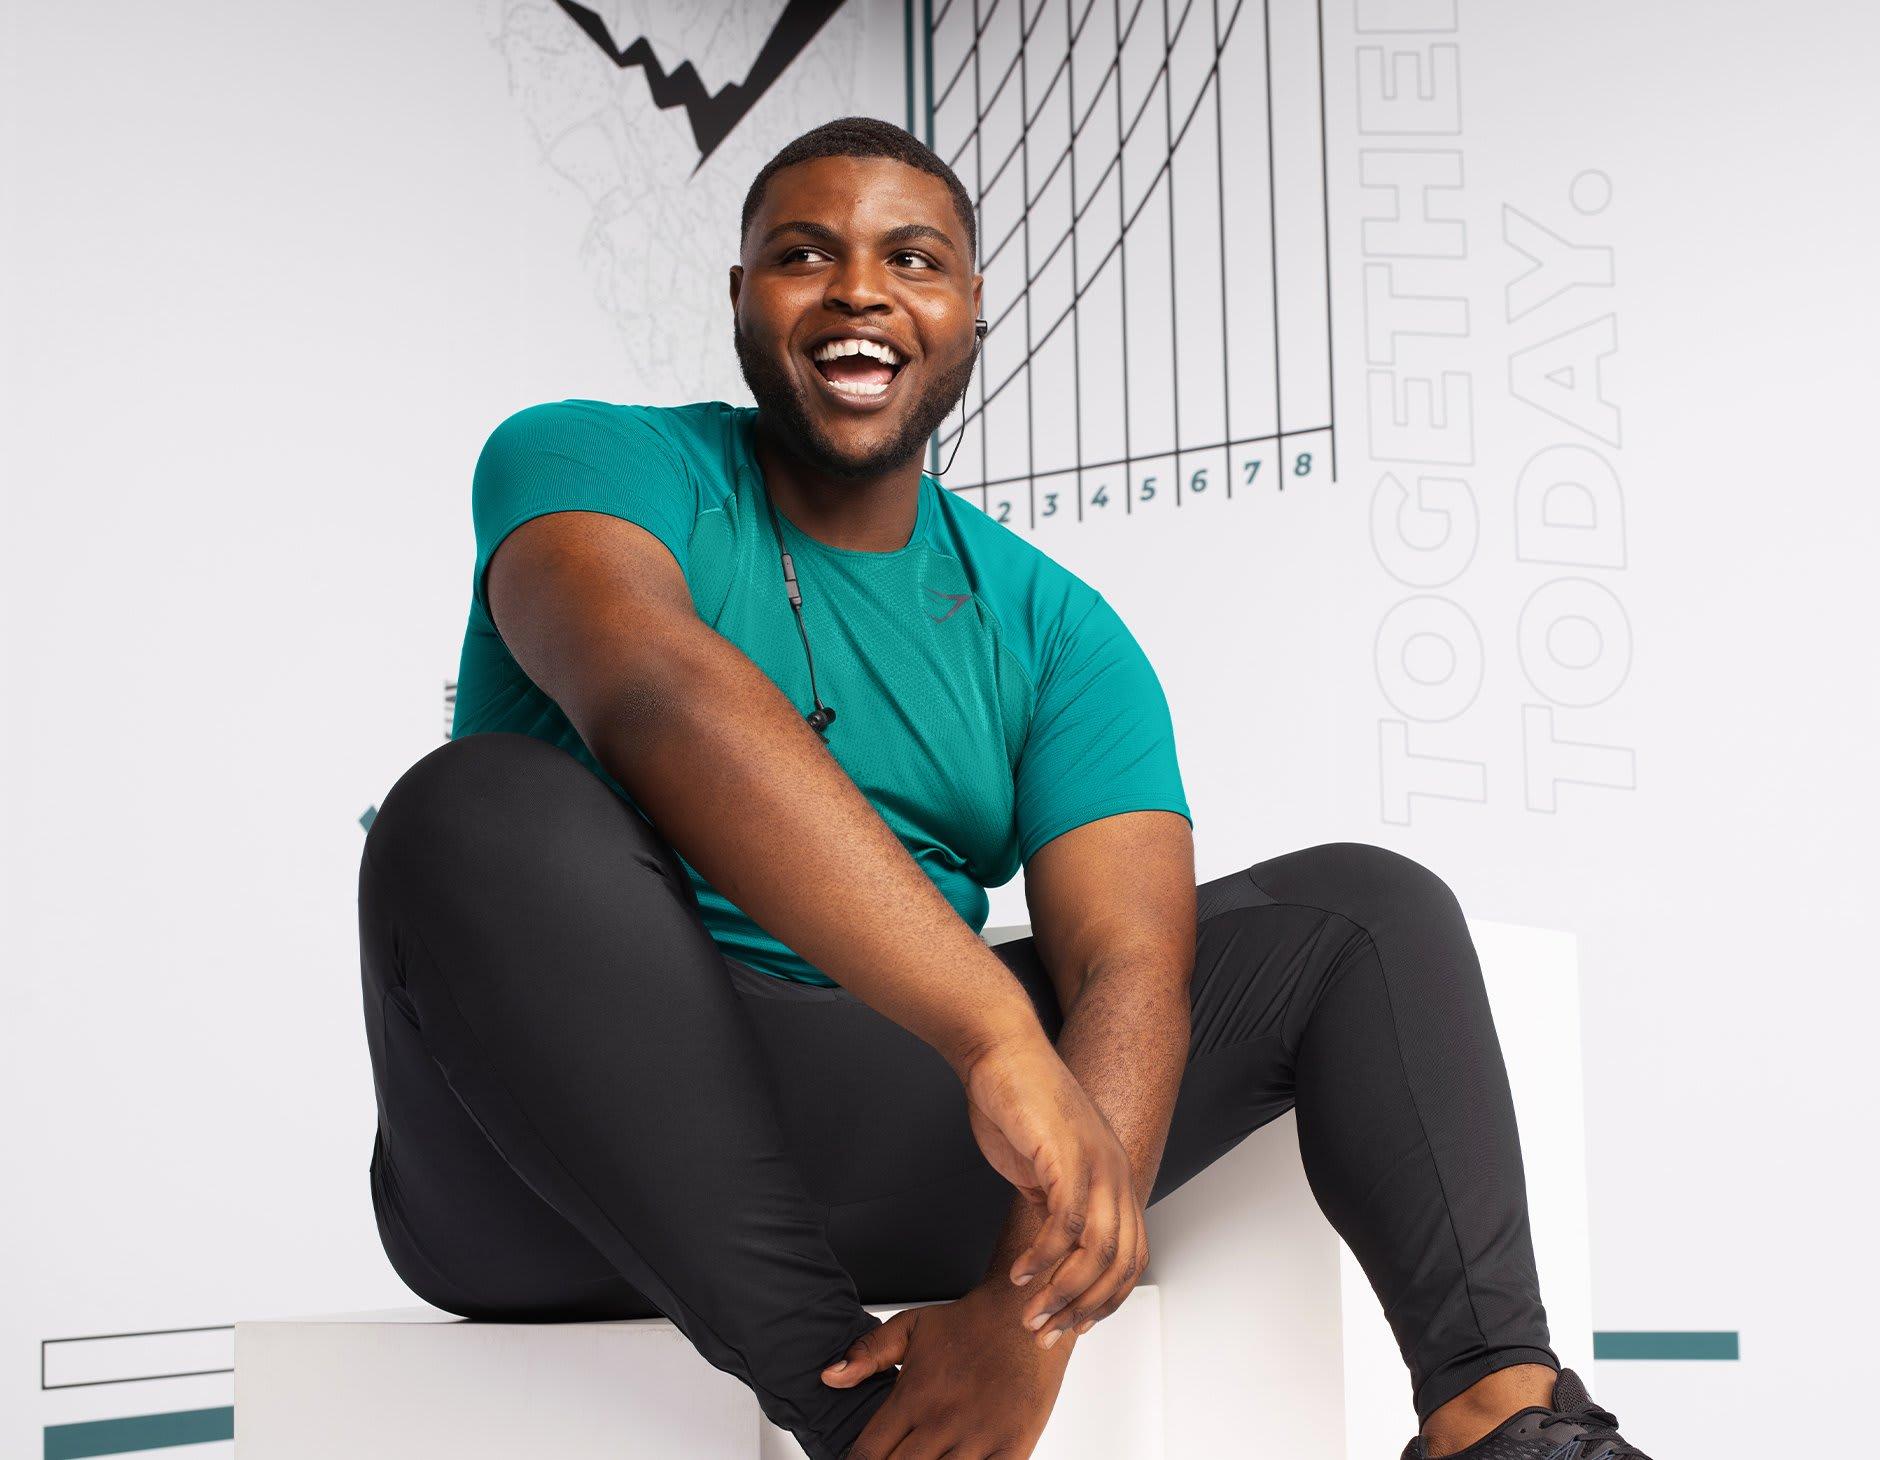 Männliches Model lacht sitzend und trägt dabei die Speed Kollektion vor einem weißen Hintergrund mit blauen, schwarzen und grauen Grafiken.